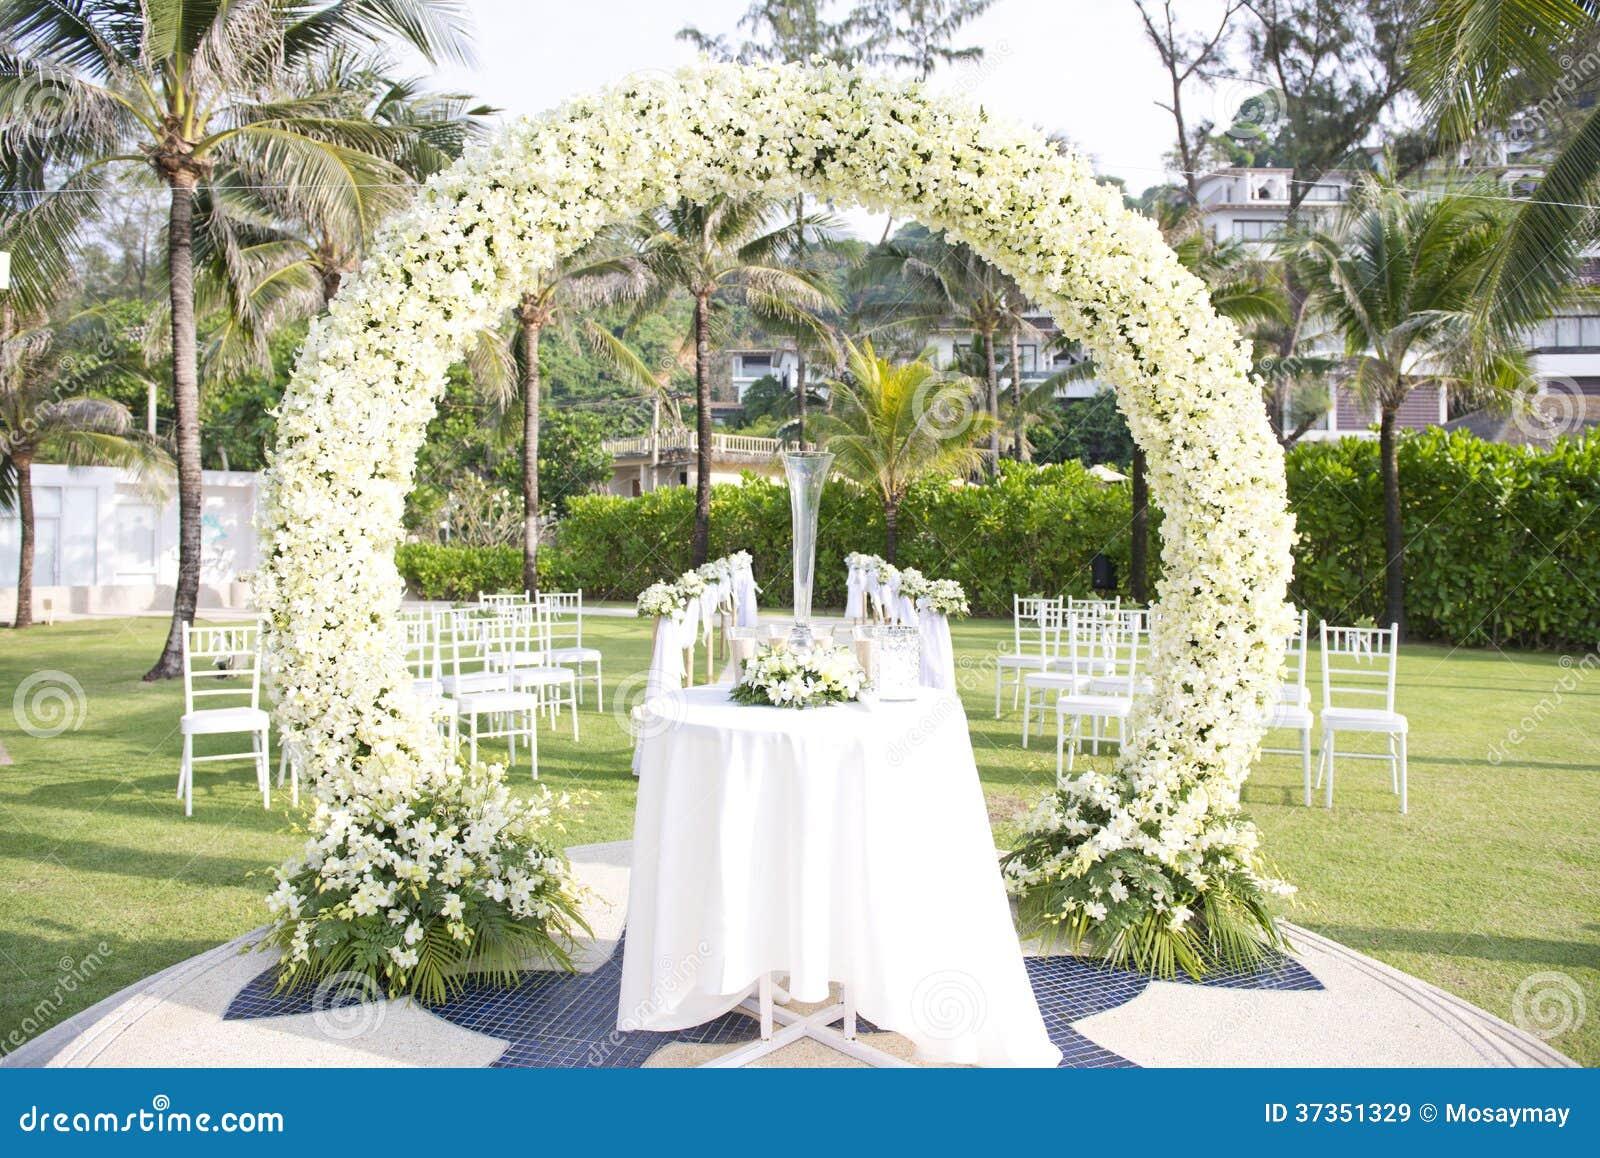 Mariage install dans le jardin l 39 int rieur de la plage for Dans le jardin